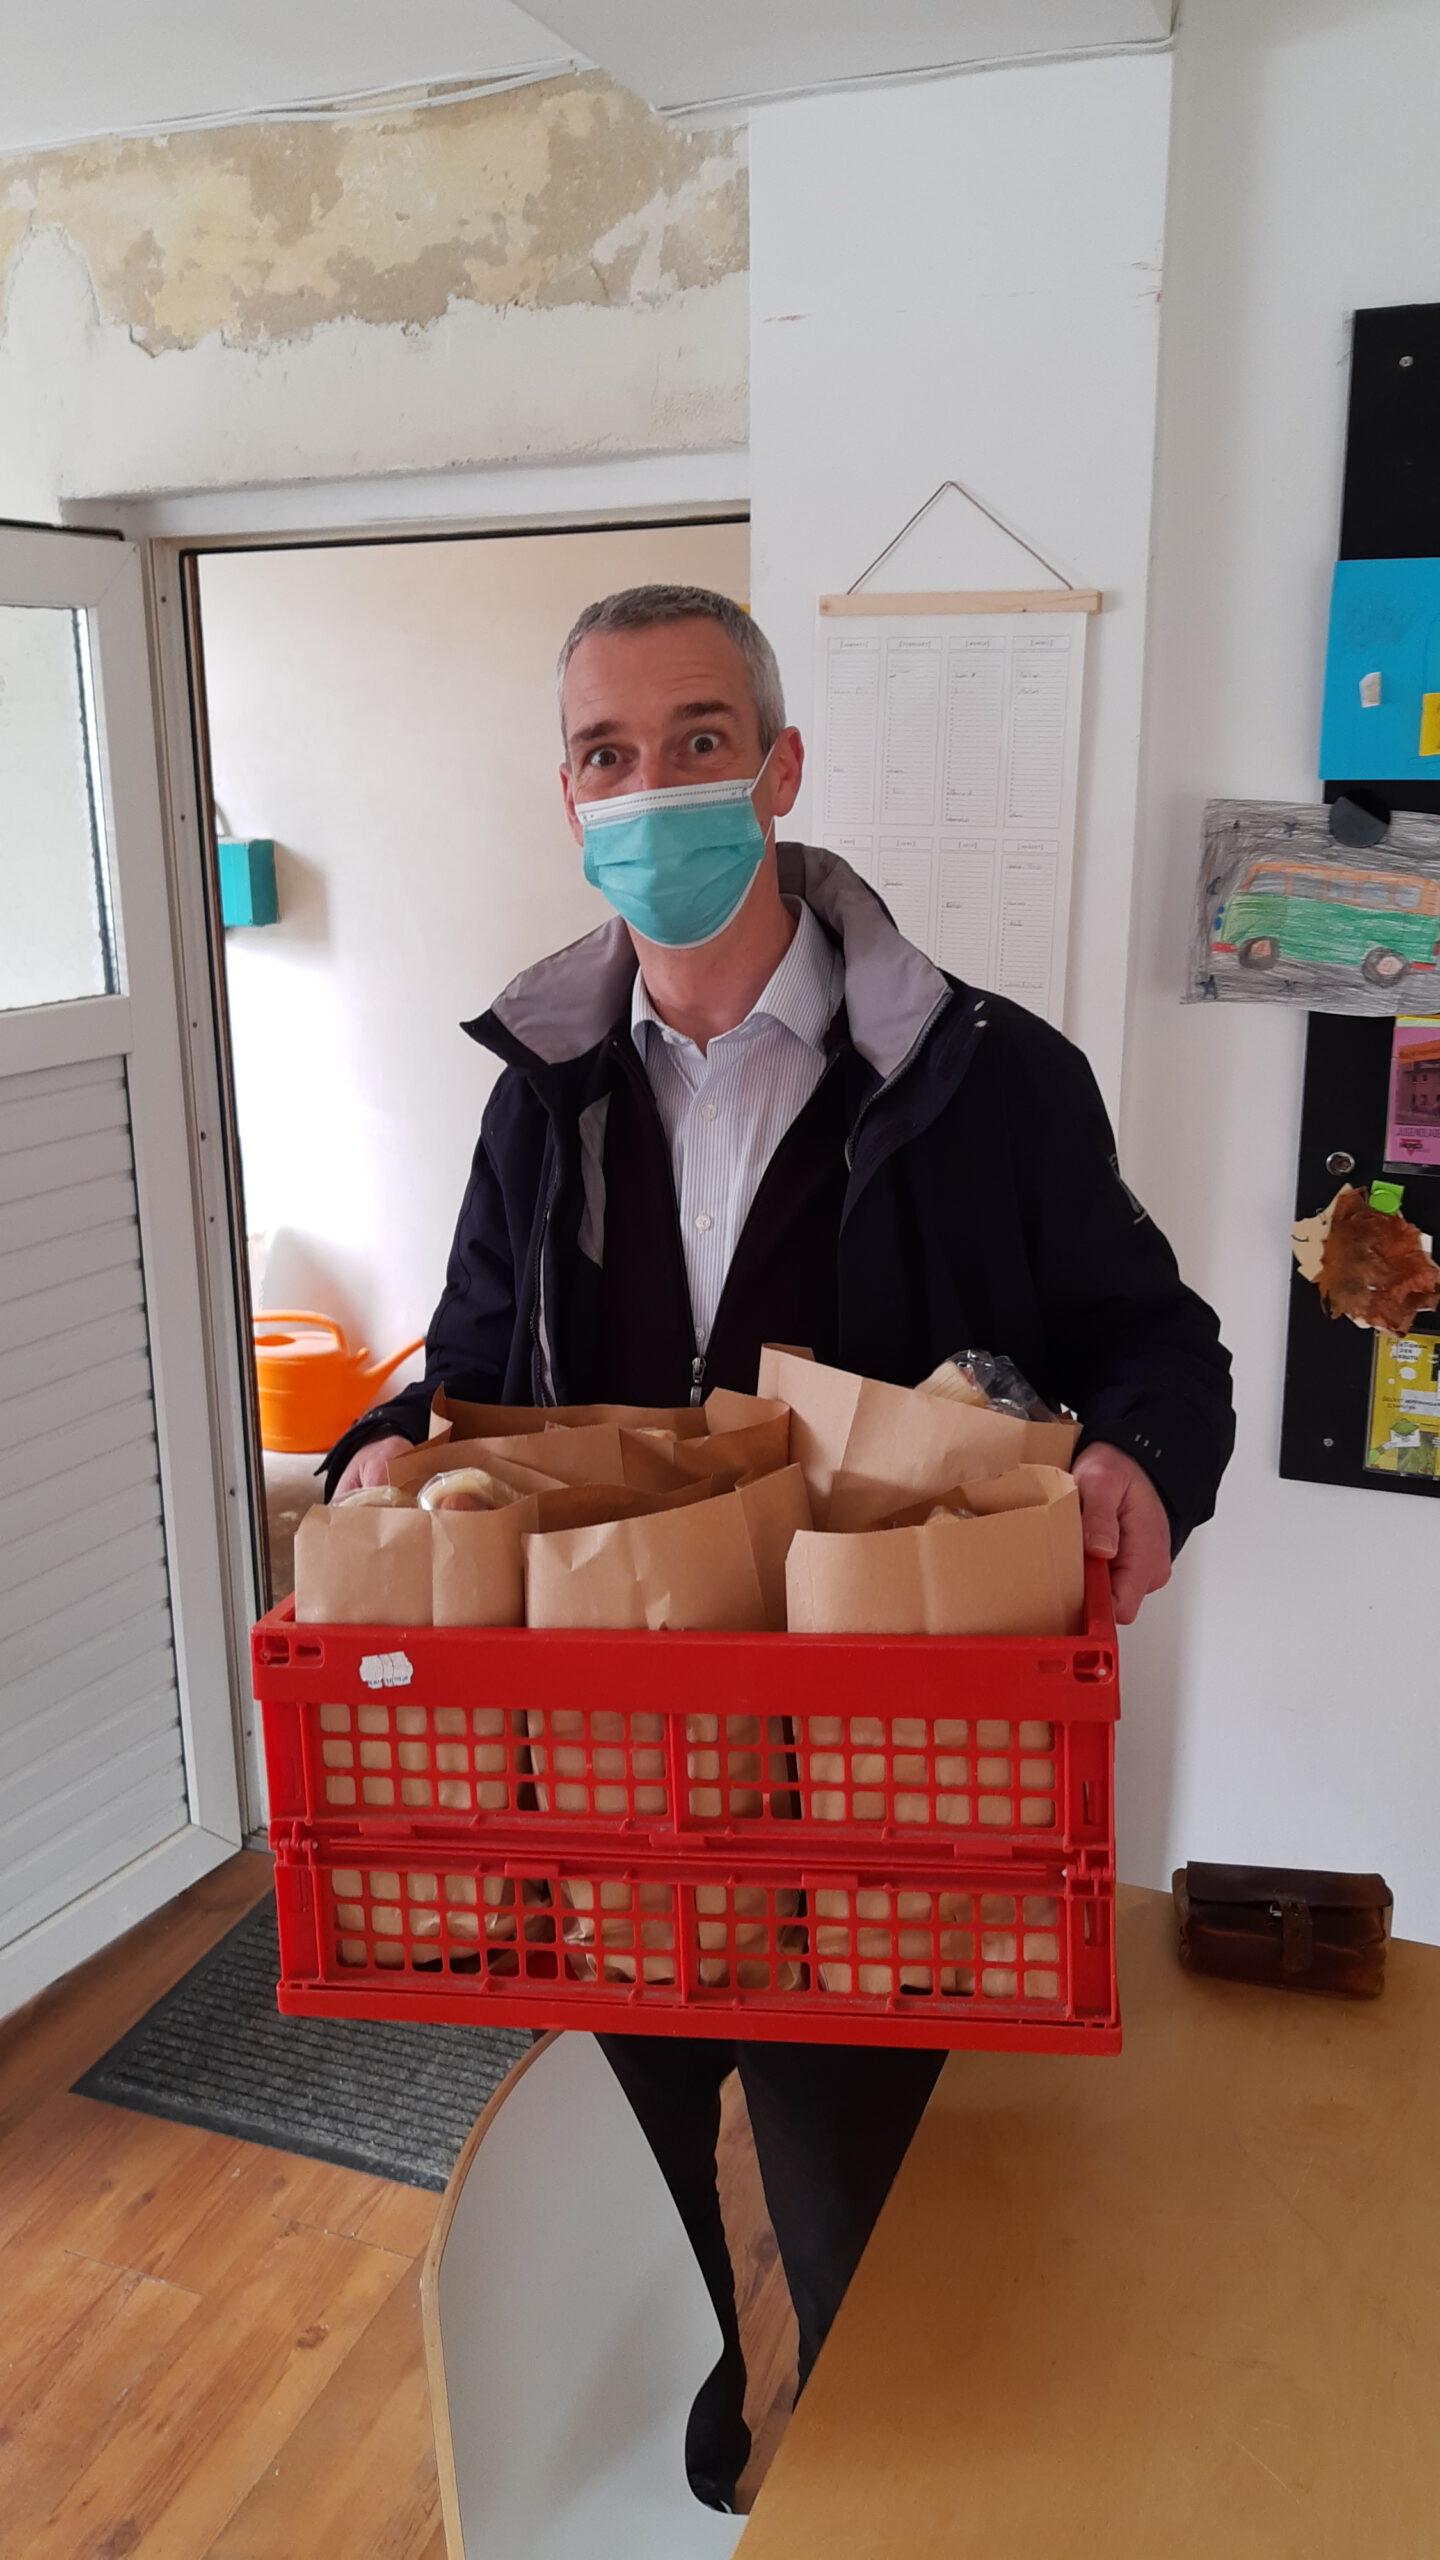 Pfr. Stephan aus Rädigke holt die HotDogs Pakete für seine Konfis ab